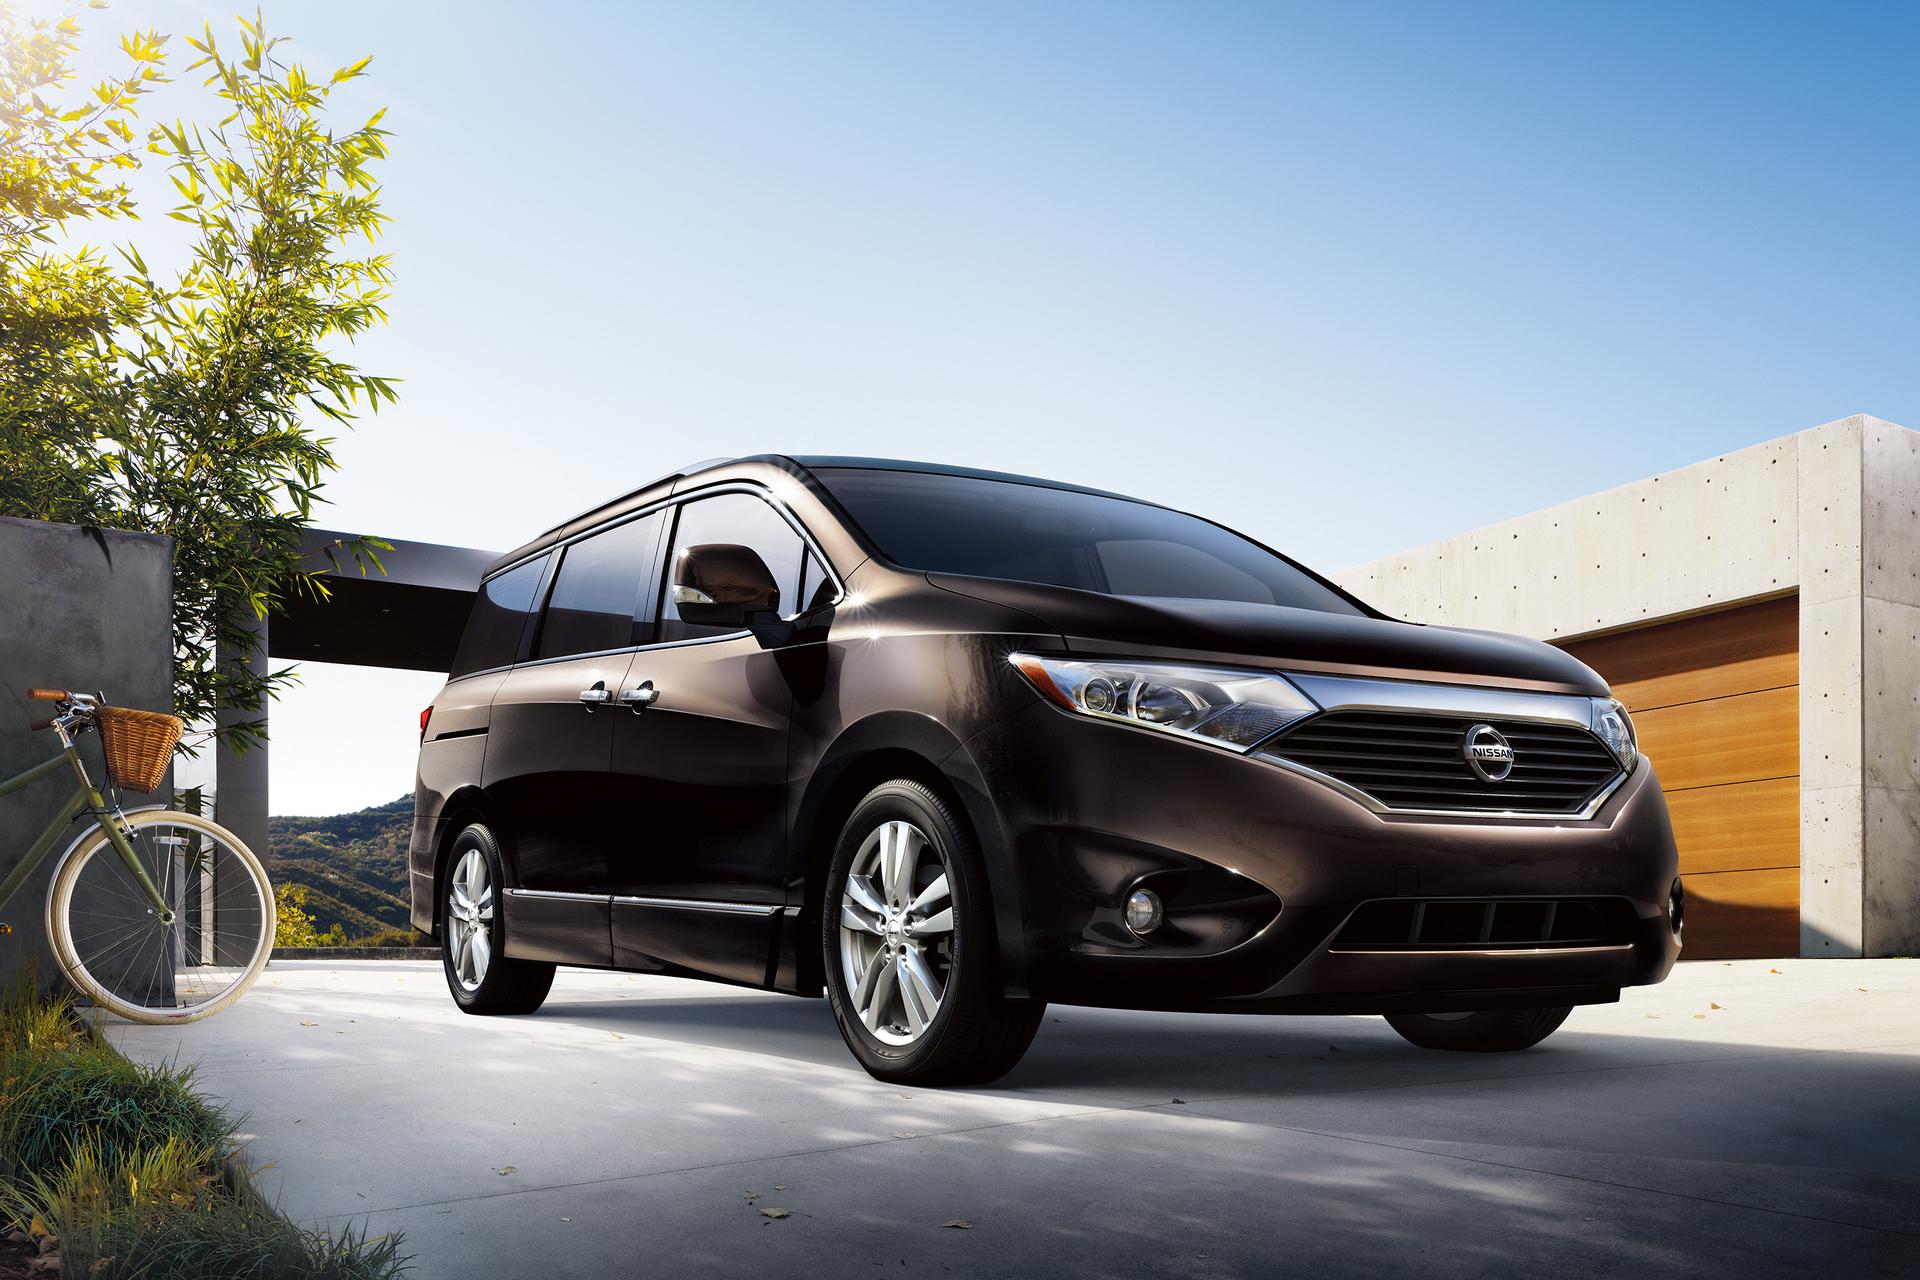 Carrrs Auto Portal Trend Rating Minivans With Best Gas Mileage 2016 Nissan Quest Motor Co Ltd